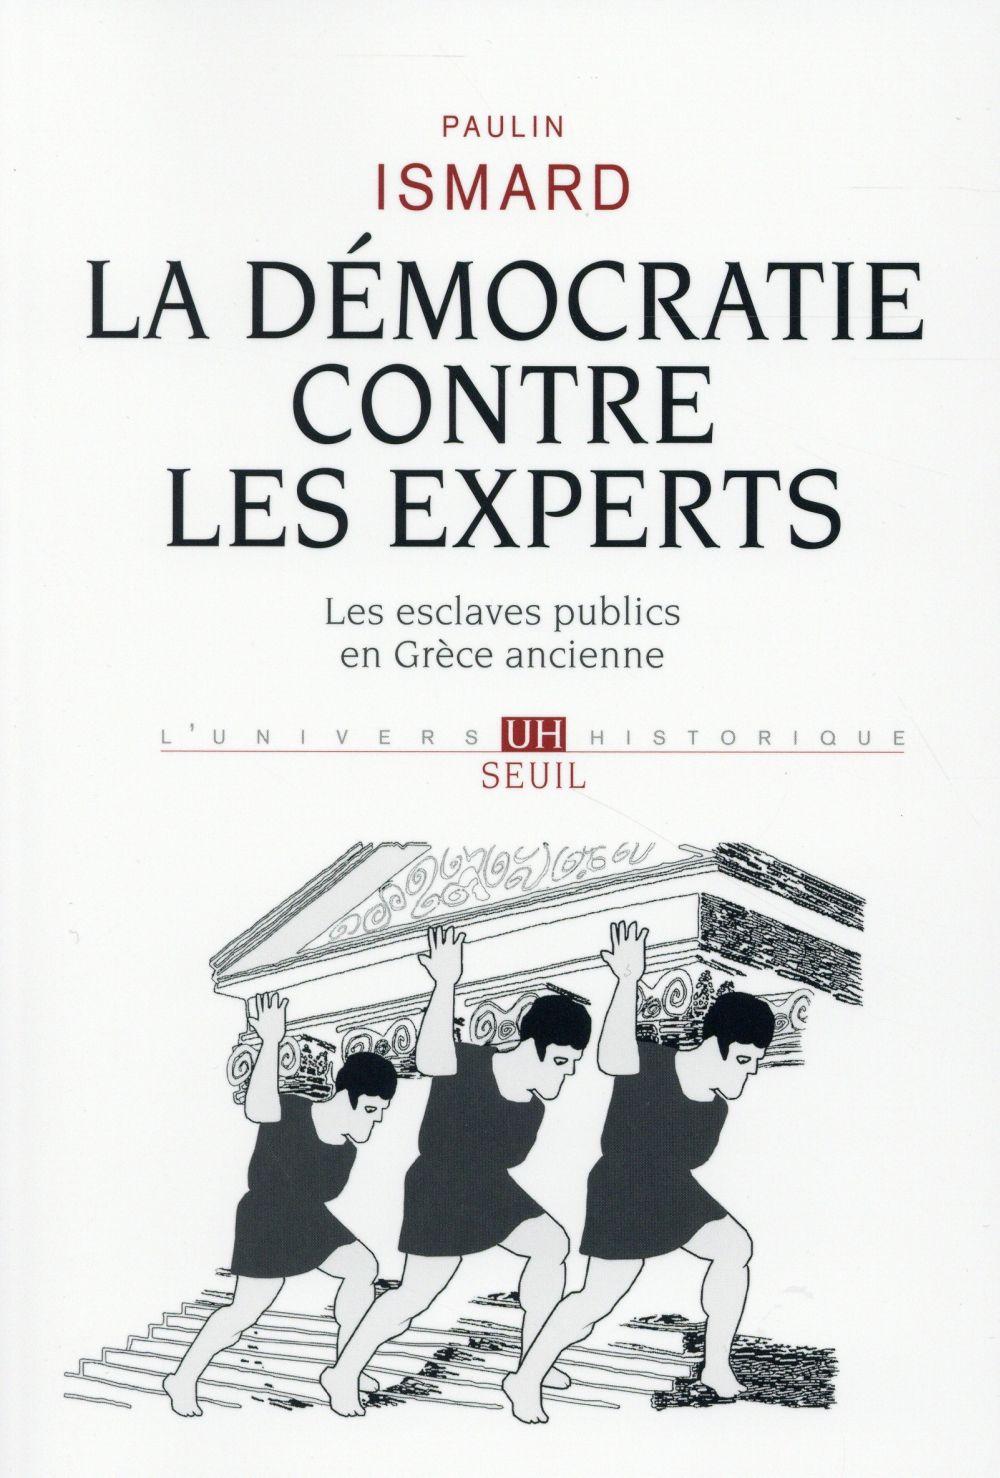 La démocratie contre les experts ; les esclaves publics en Grèce ancienne